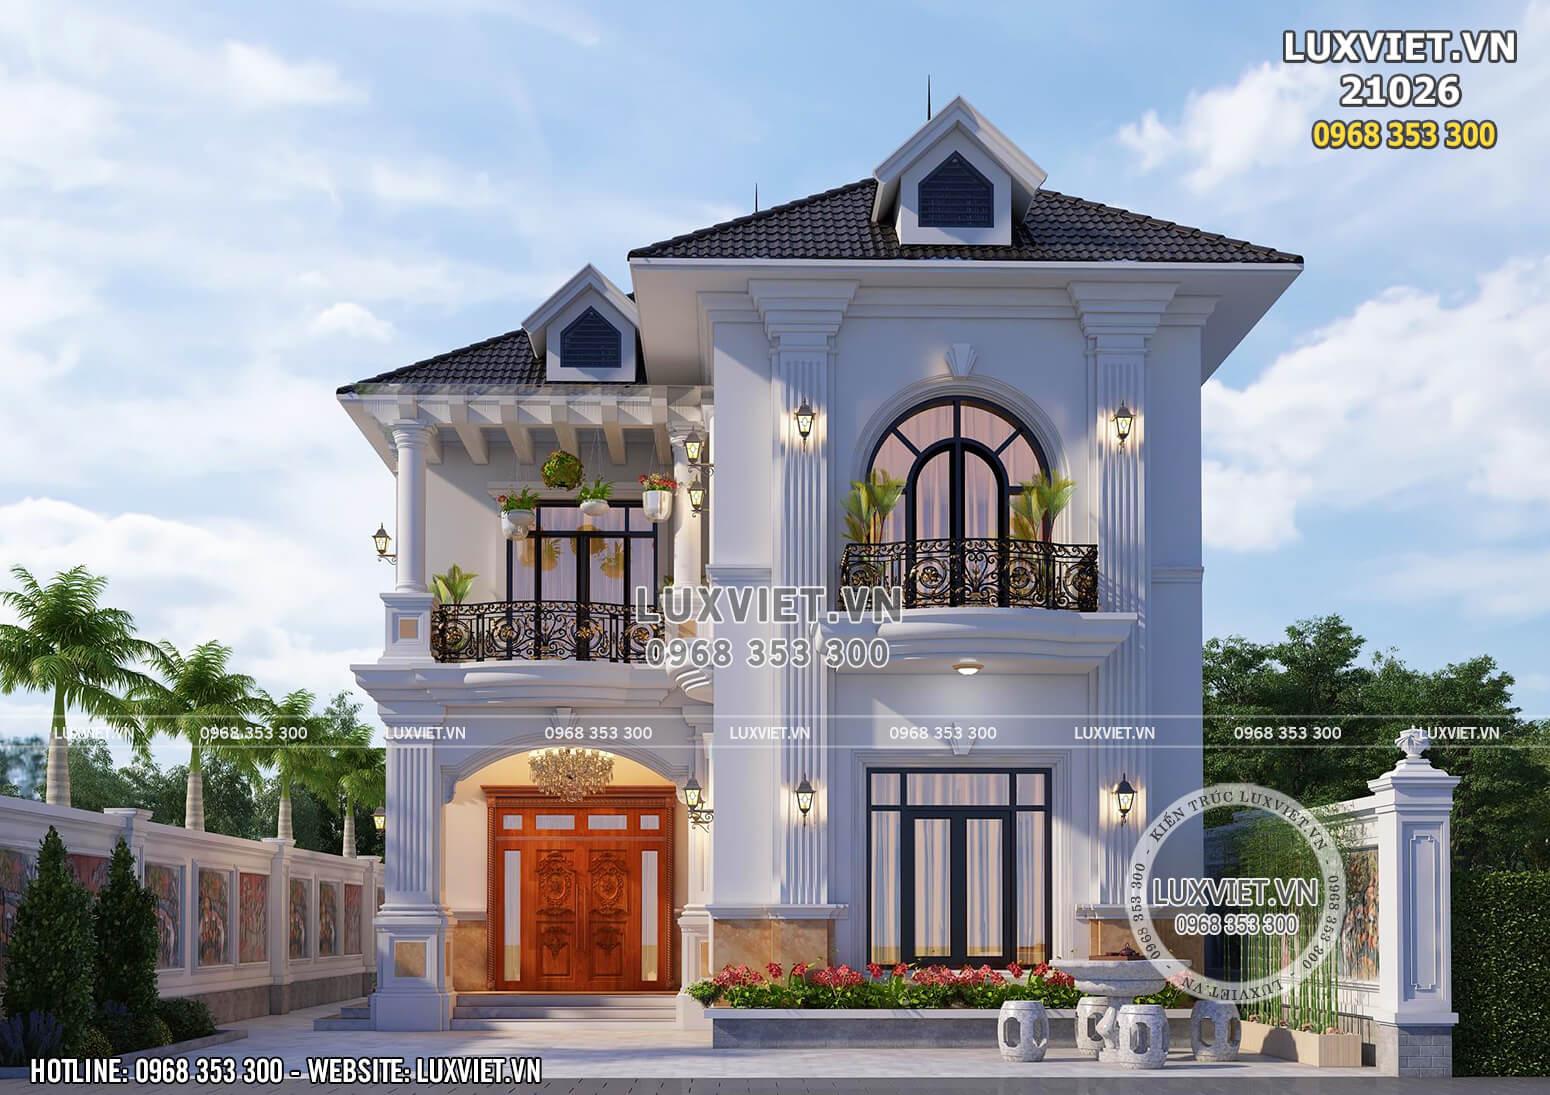 Mẫu thiết kế biệt thự mini 2 tầng tân cổ điển 100m2 đẹp tại Hưng Yên - LV 21026